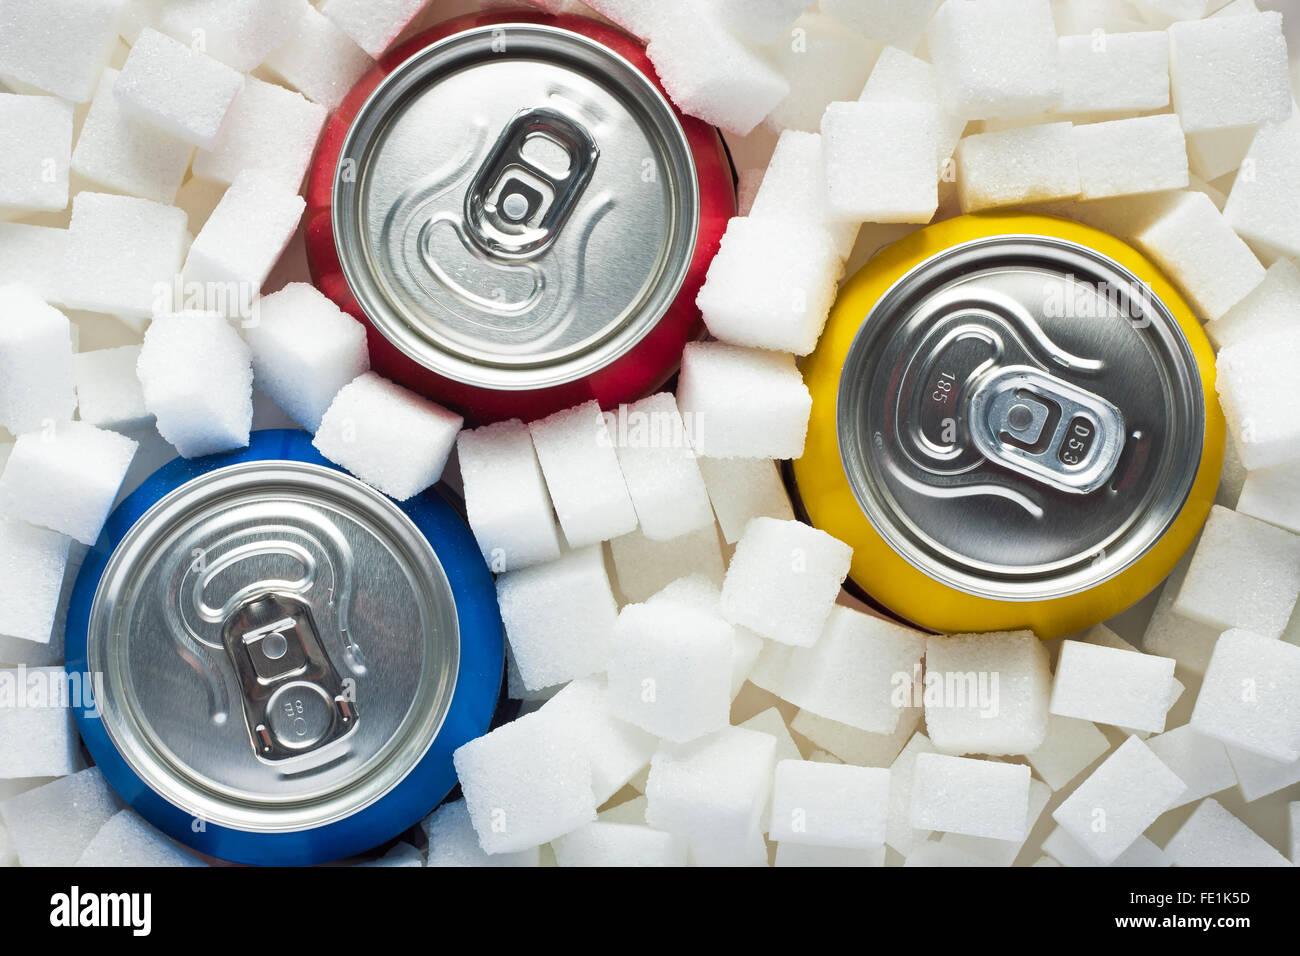 Ungesunde Lebensmittel Konzept - Zucker in Limonaden. Zuckerwürfel als Hintergrund und Getränke in Dosen Stockbild